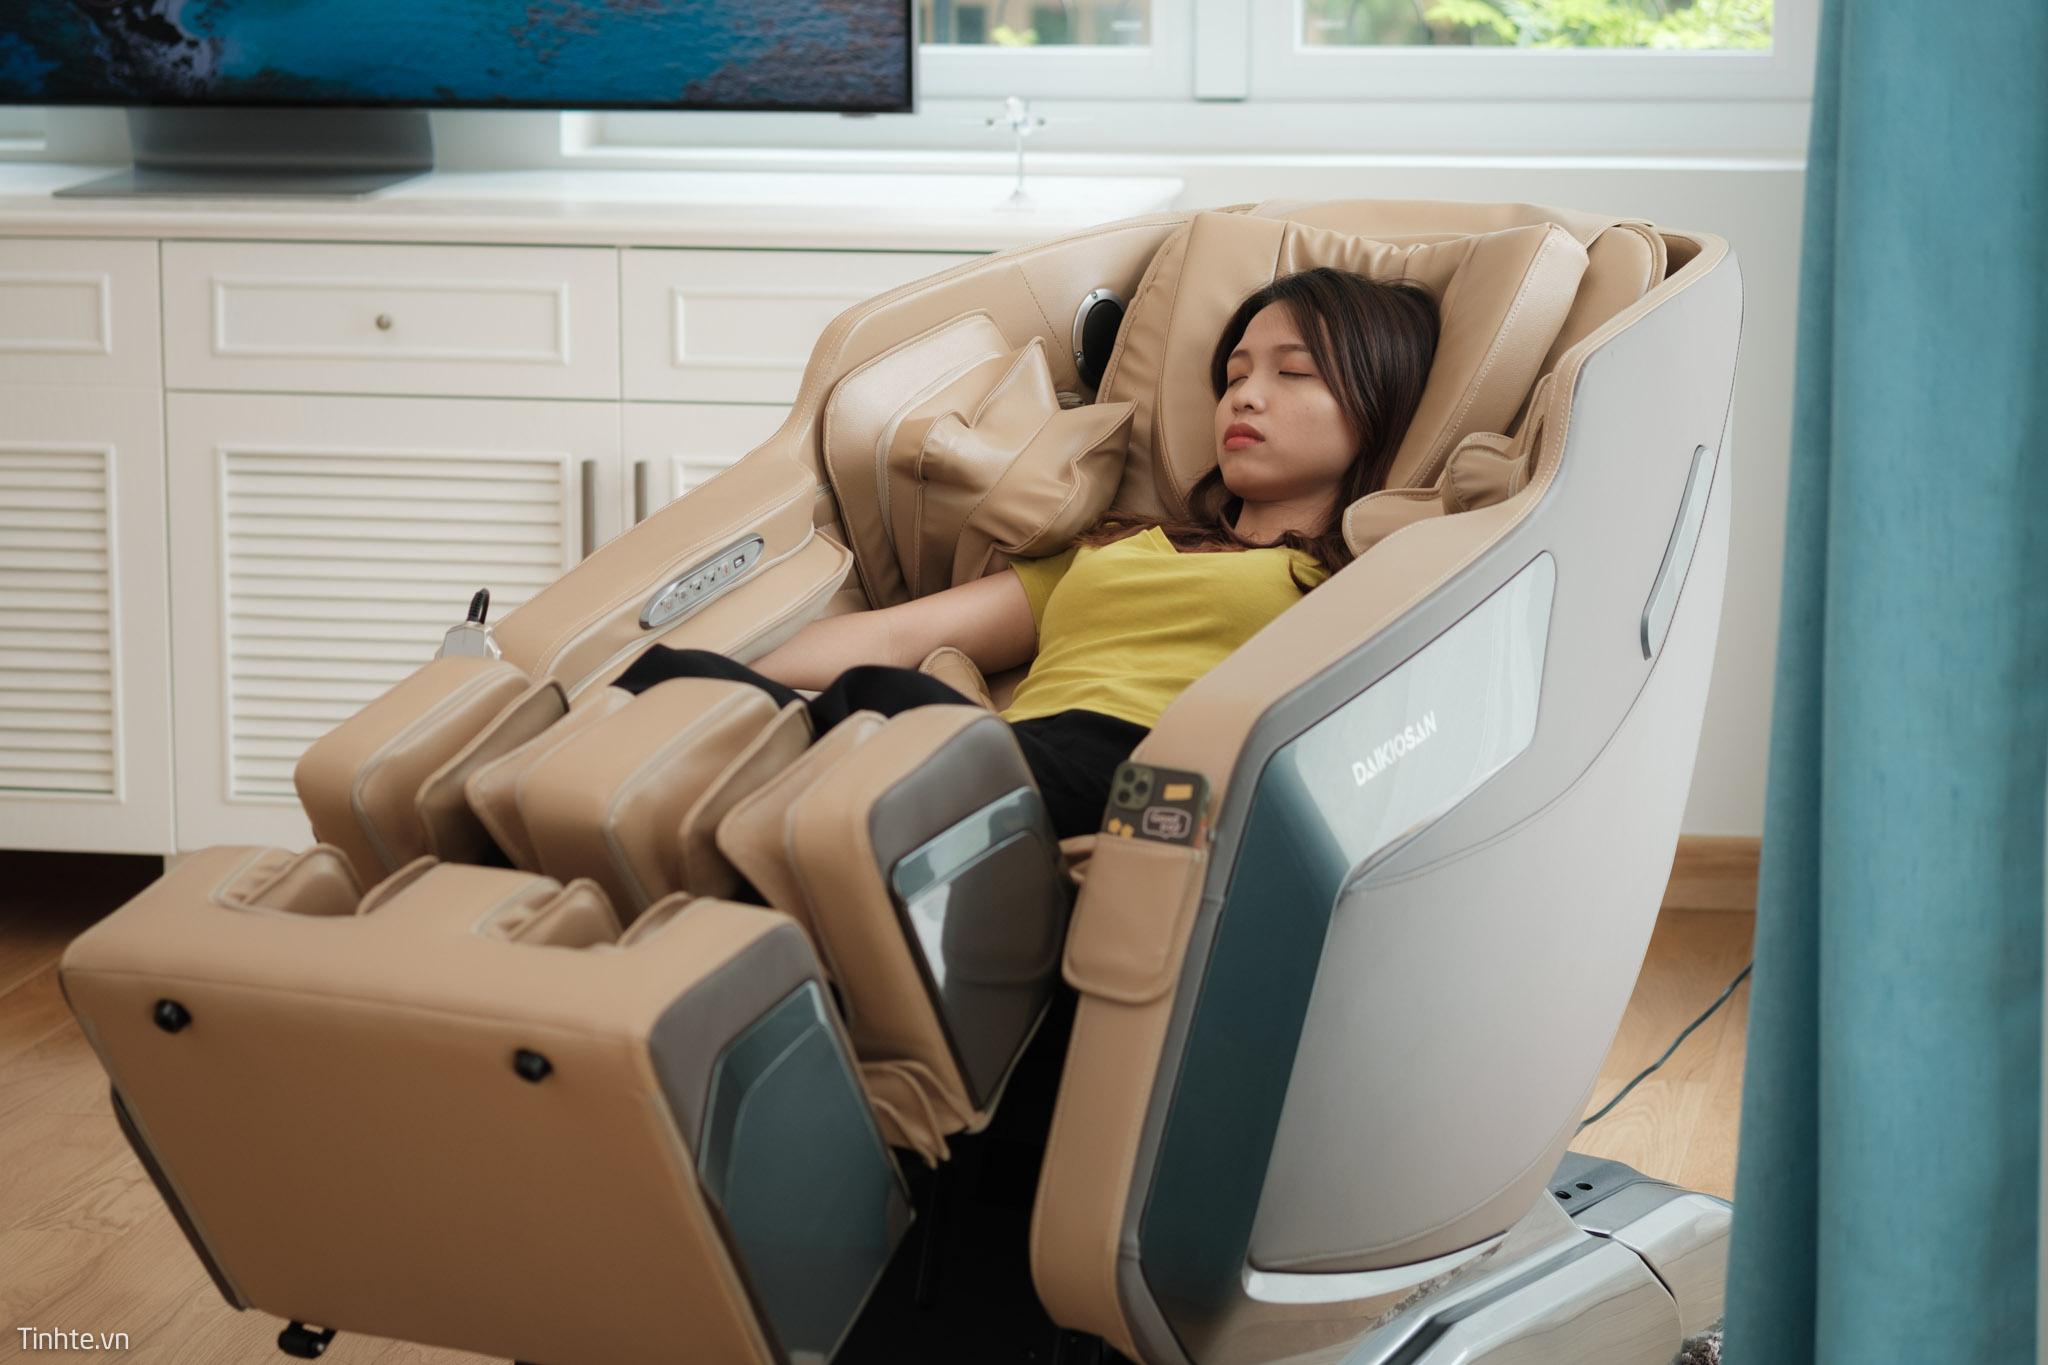 Ghế massage mang lại nhiều lợi ích cho sức khỏe người dùng.